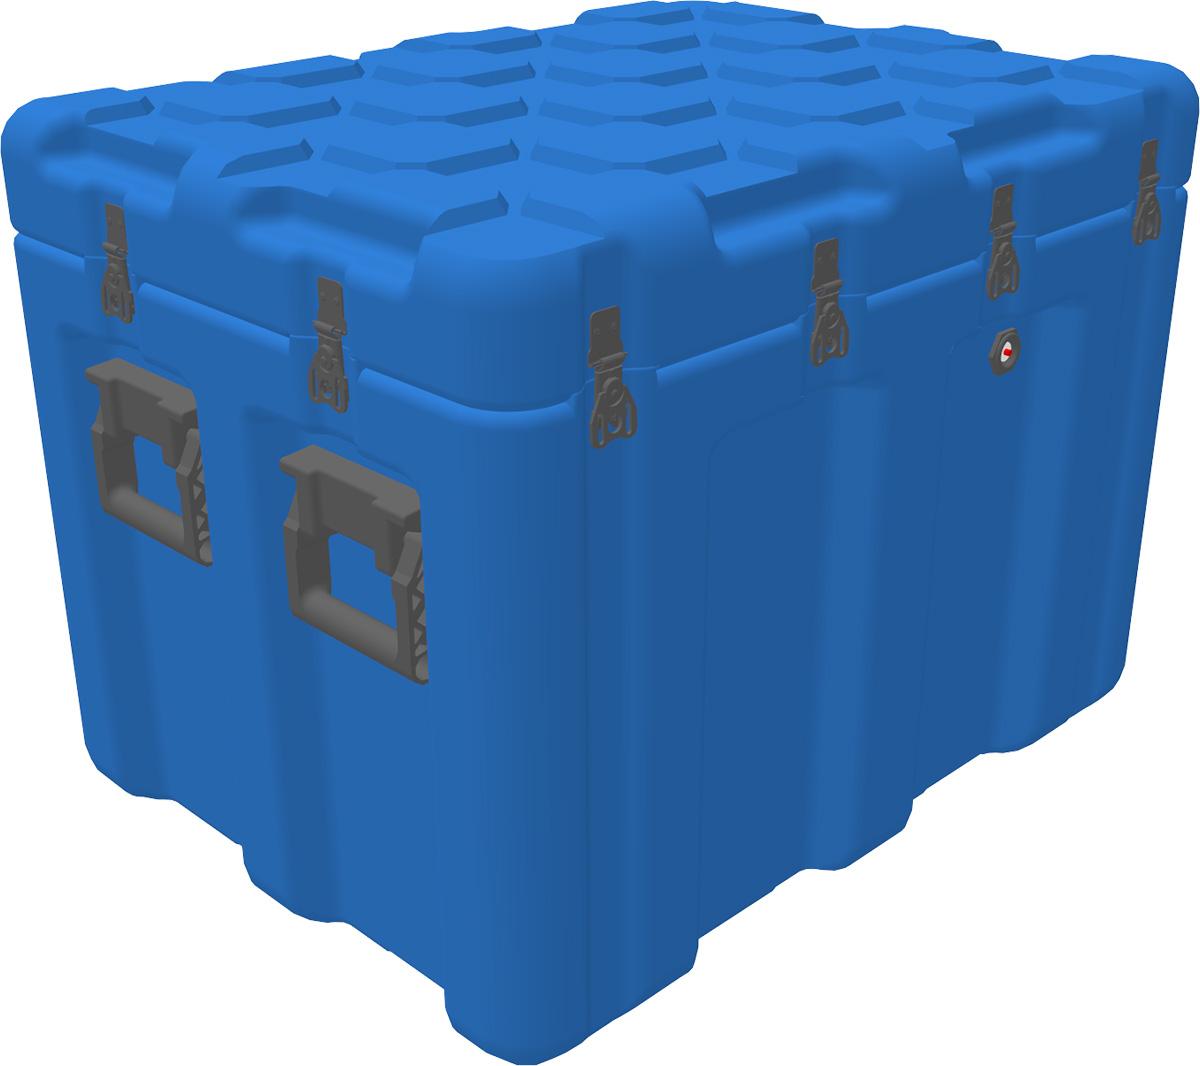 peli eu080060 5010 isp2 shipping case